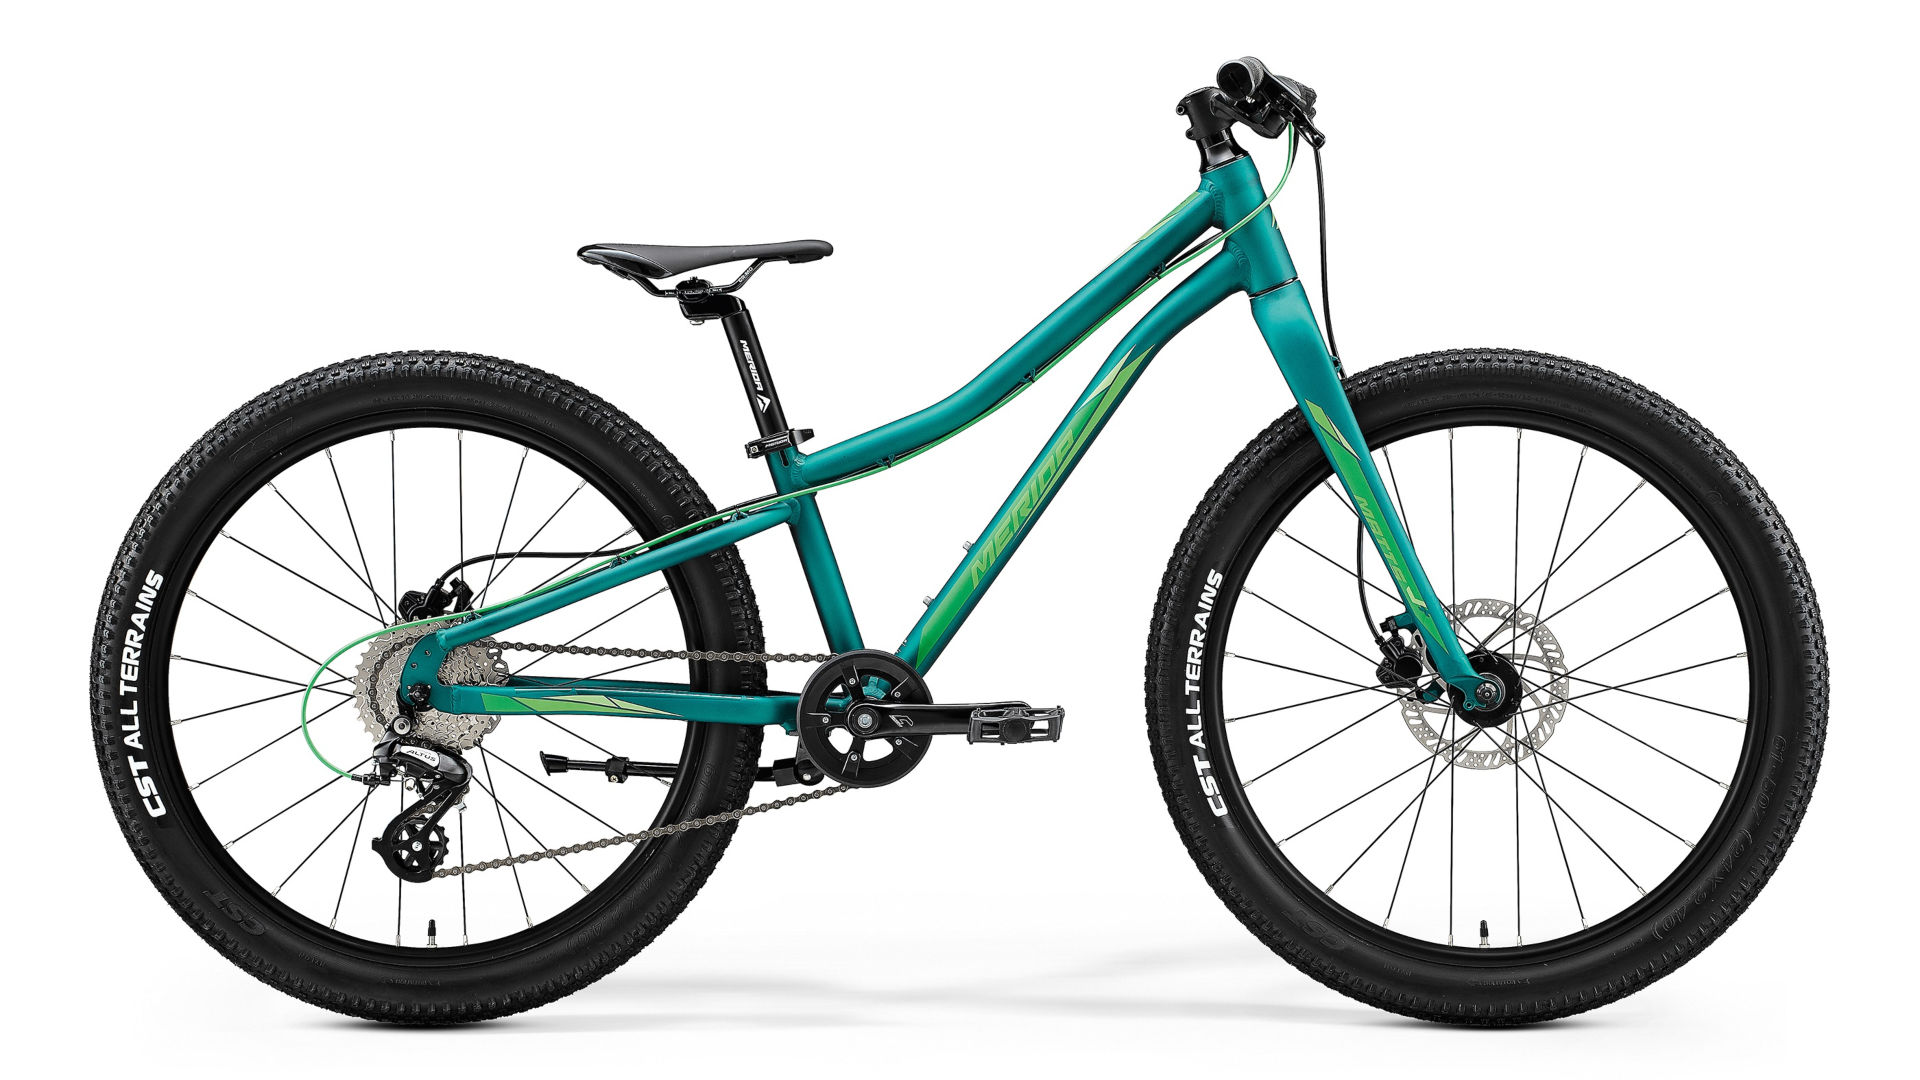 rowery dziecięce Merida, Merida bikes, rowery Merida, Matts J Plus